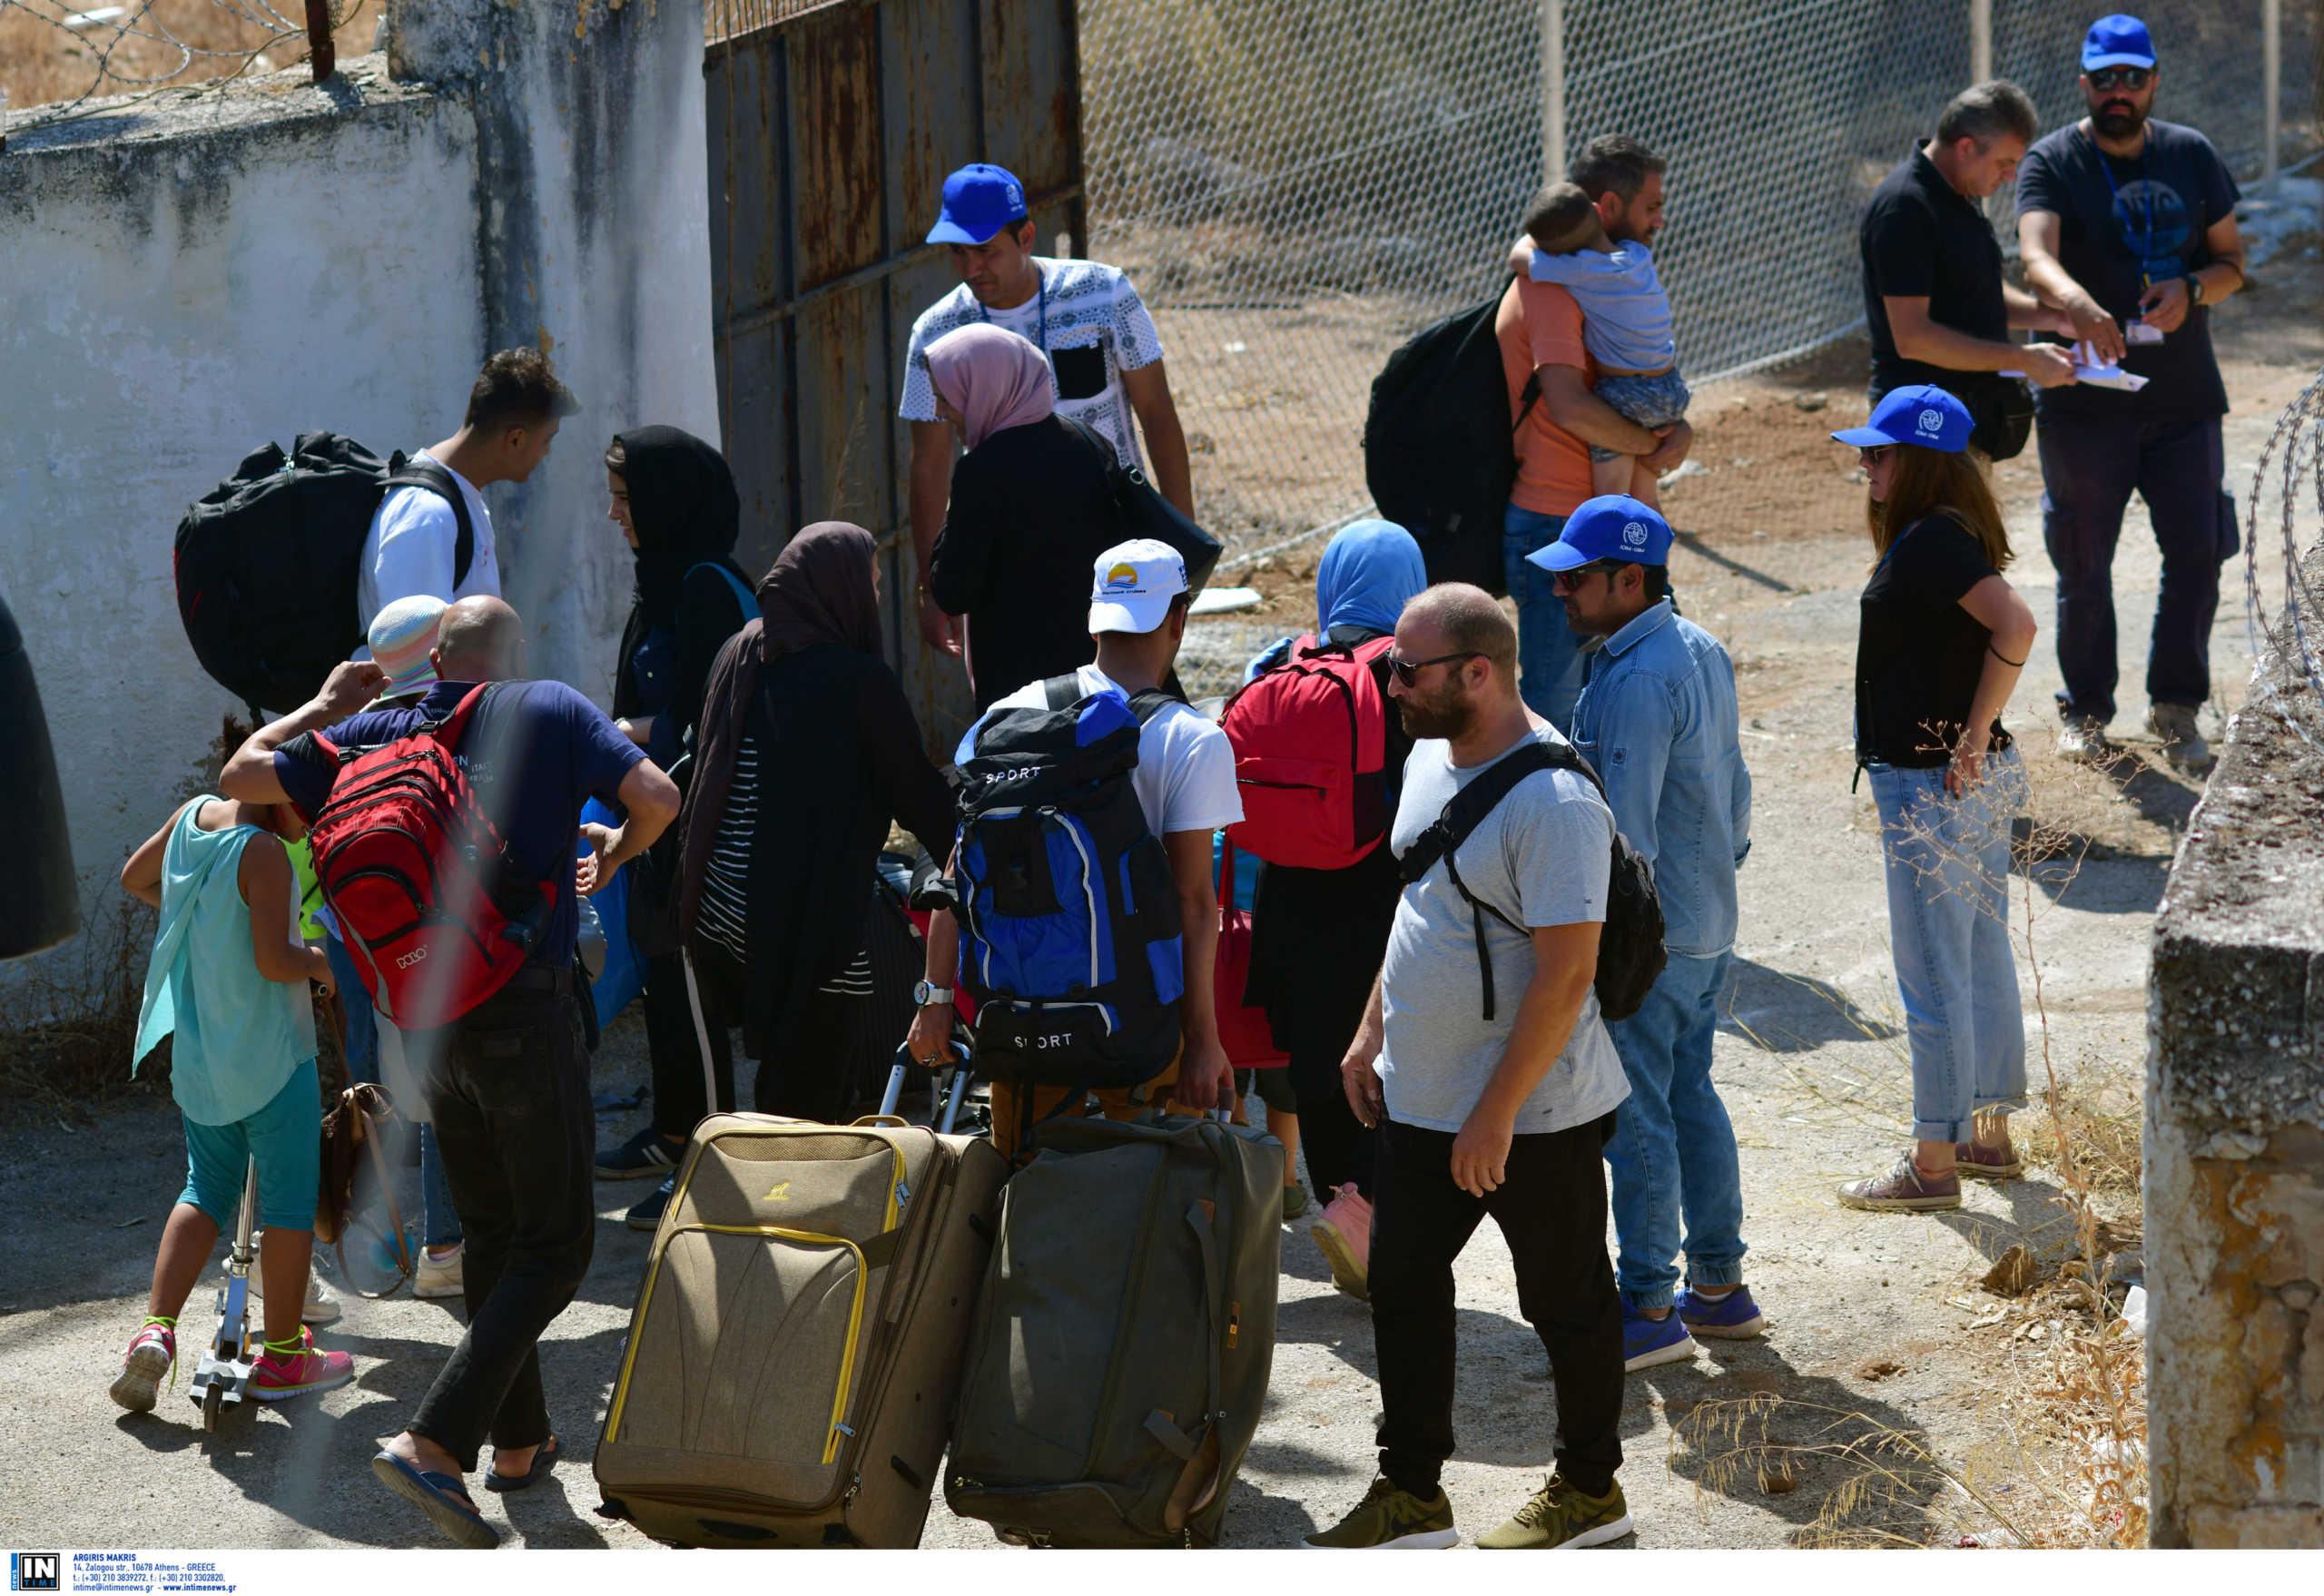 15,5 εκατομμύρια ευρώ σε δήμους λόγω προσφυγικού – μεταναστευτικού